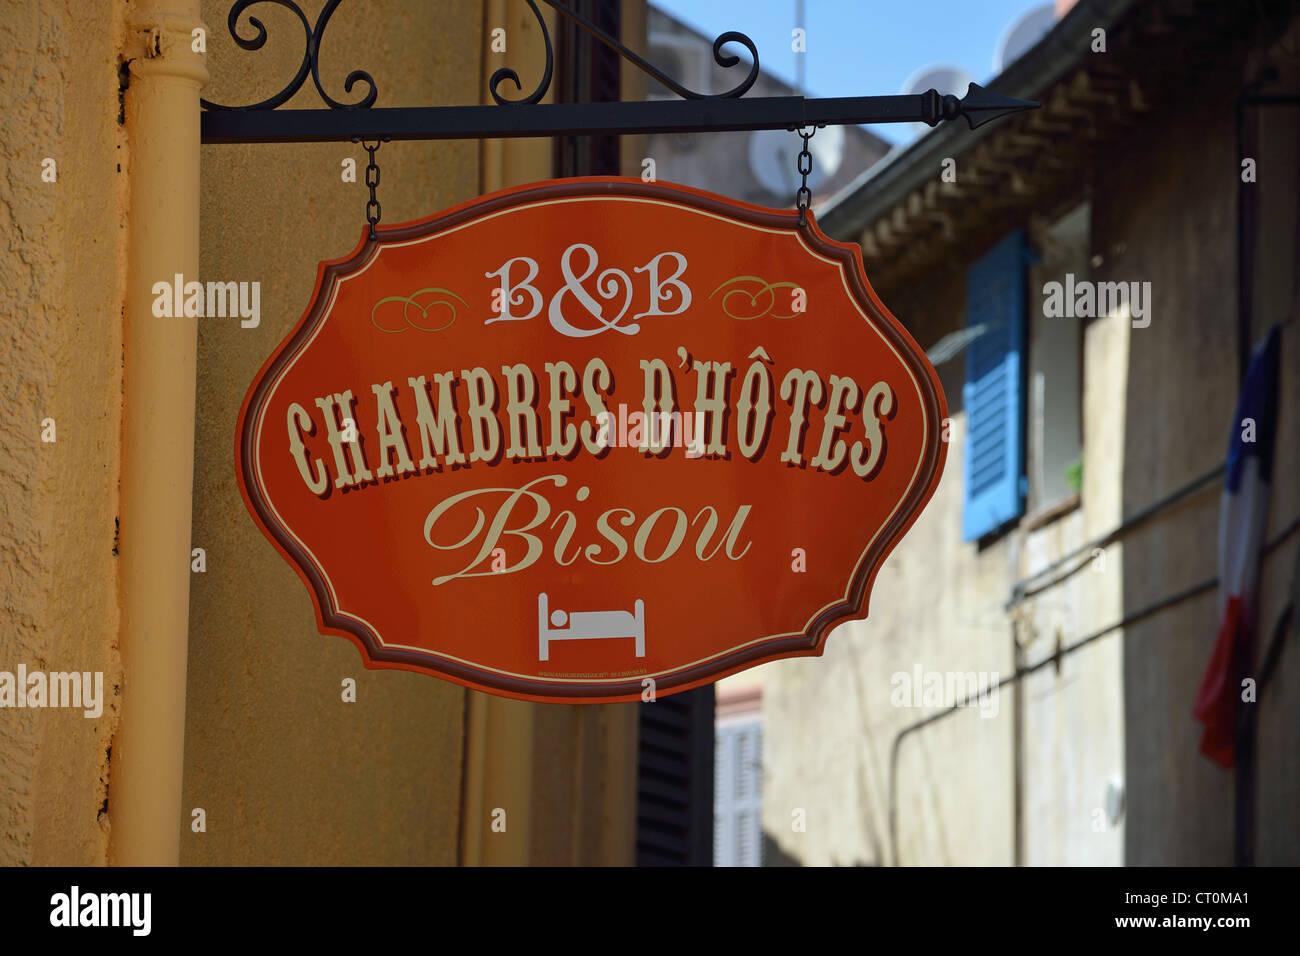 Chambres d \' Hotes (B & B) Schilder, La Suquet (Old Town ...